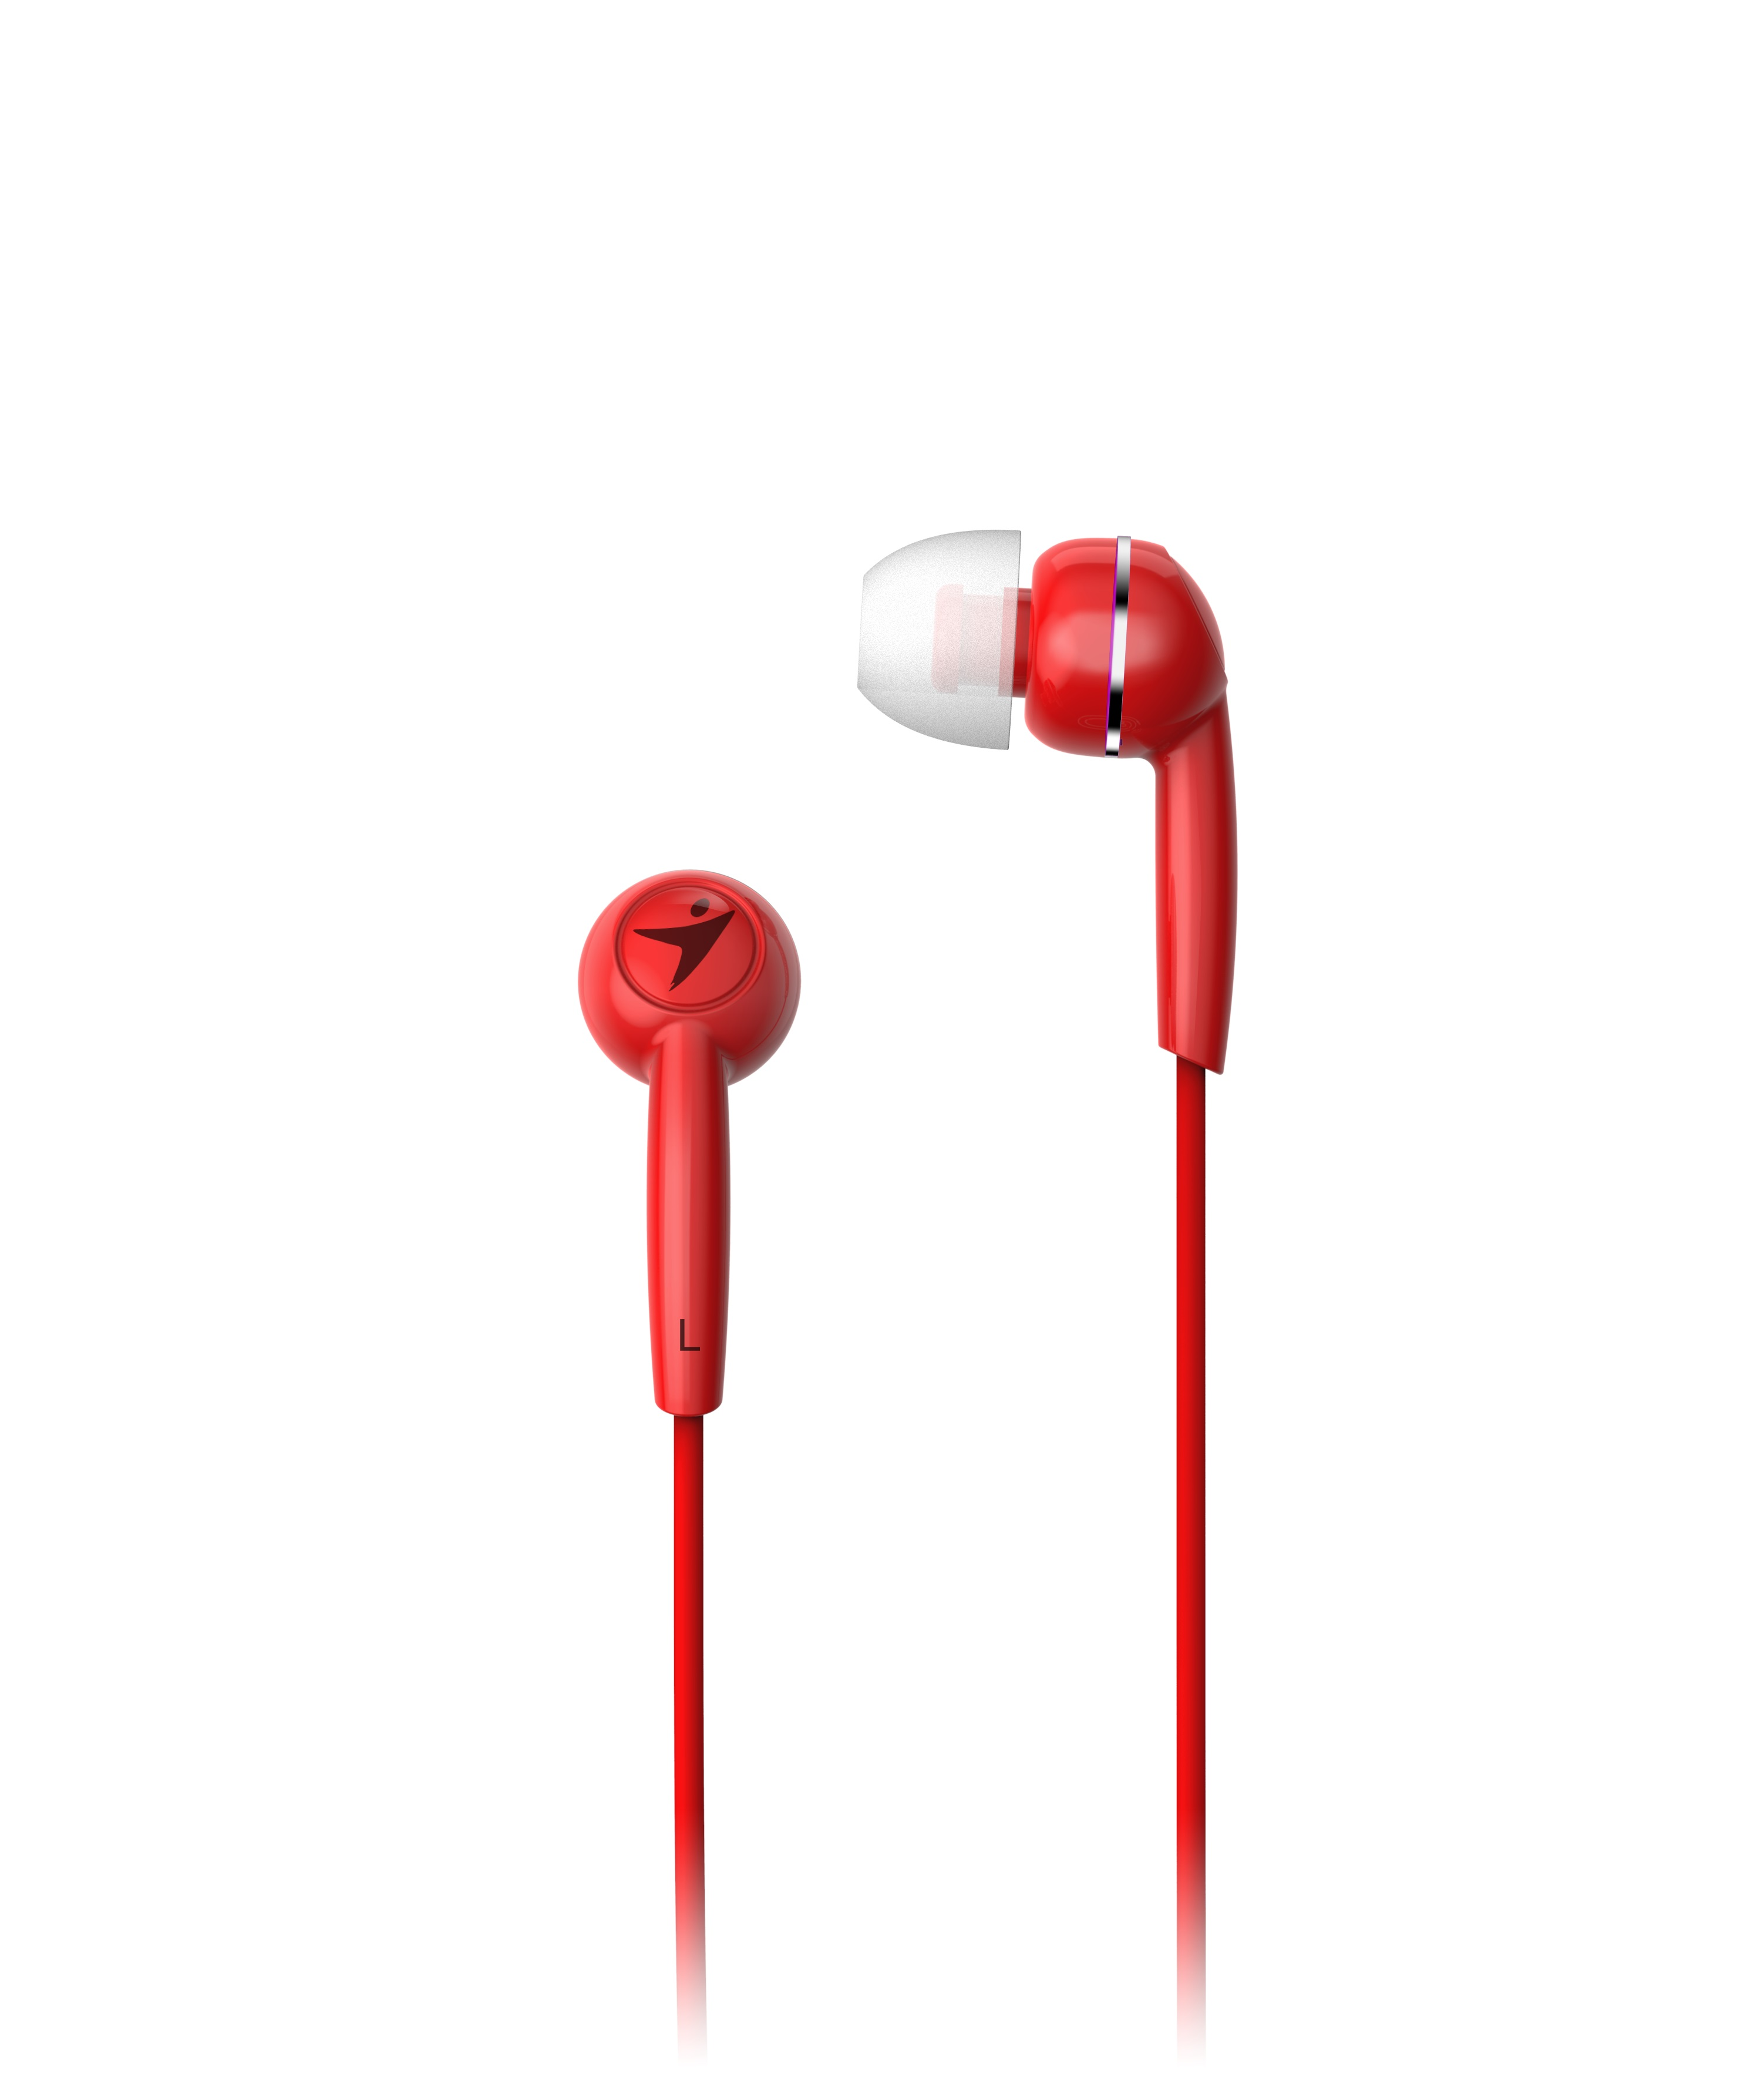 Sluchátka Genius HS-M320 mobile headset, red - 31710005415